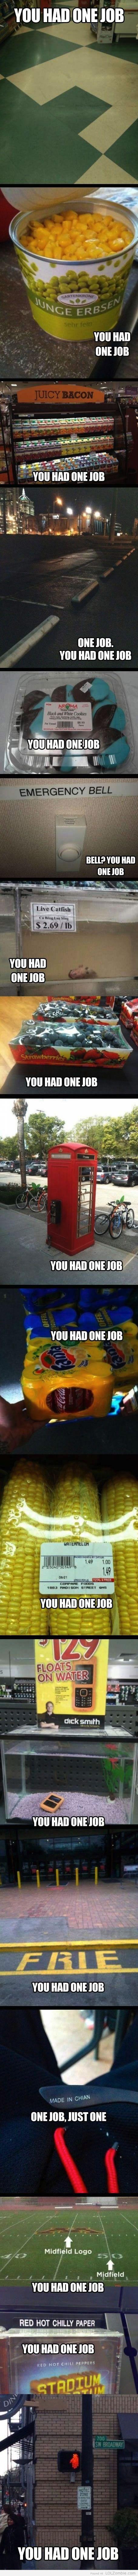 One Failed Job